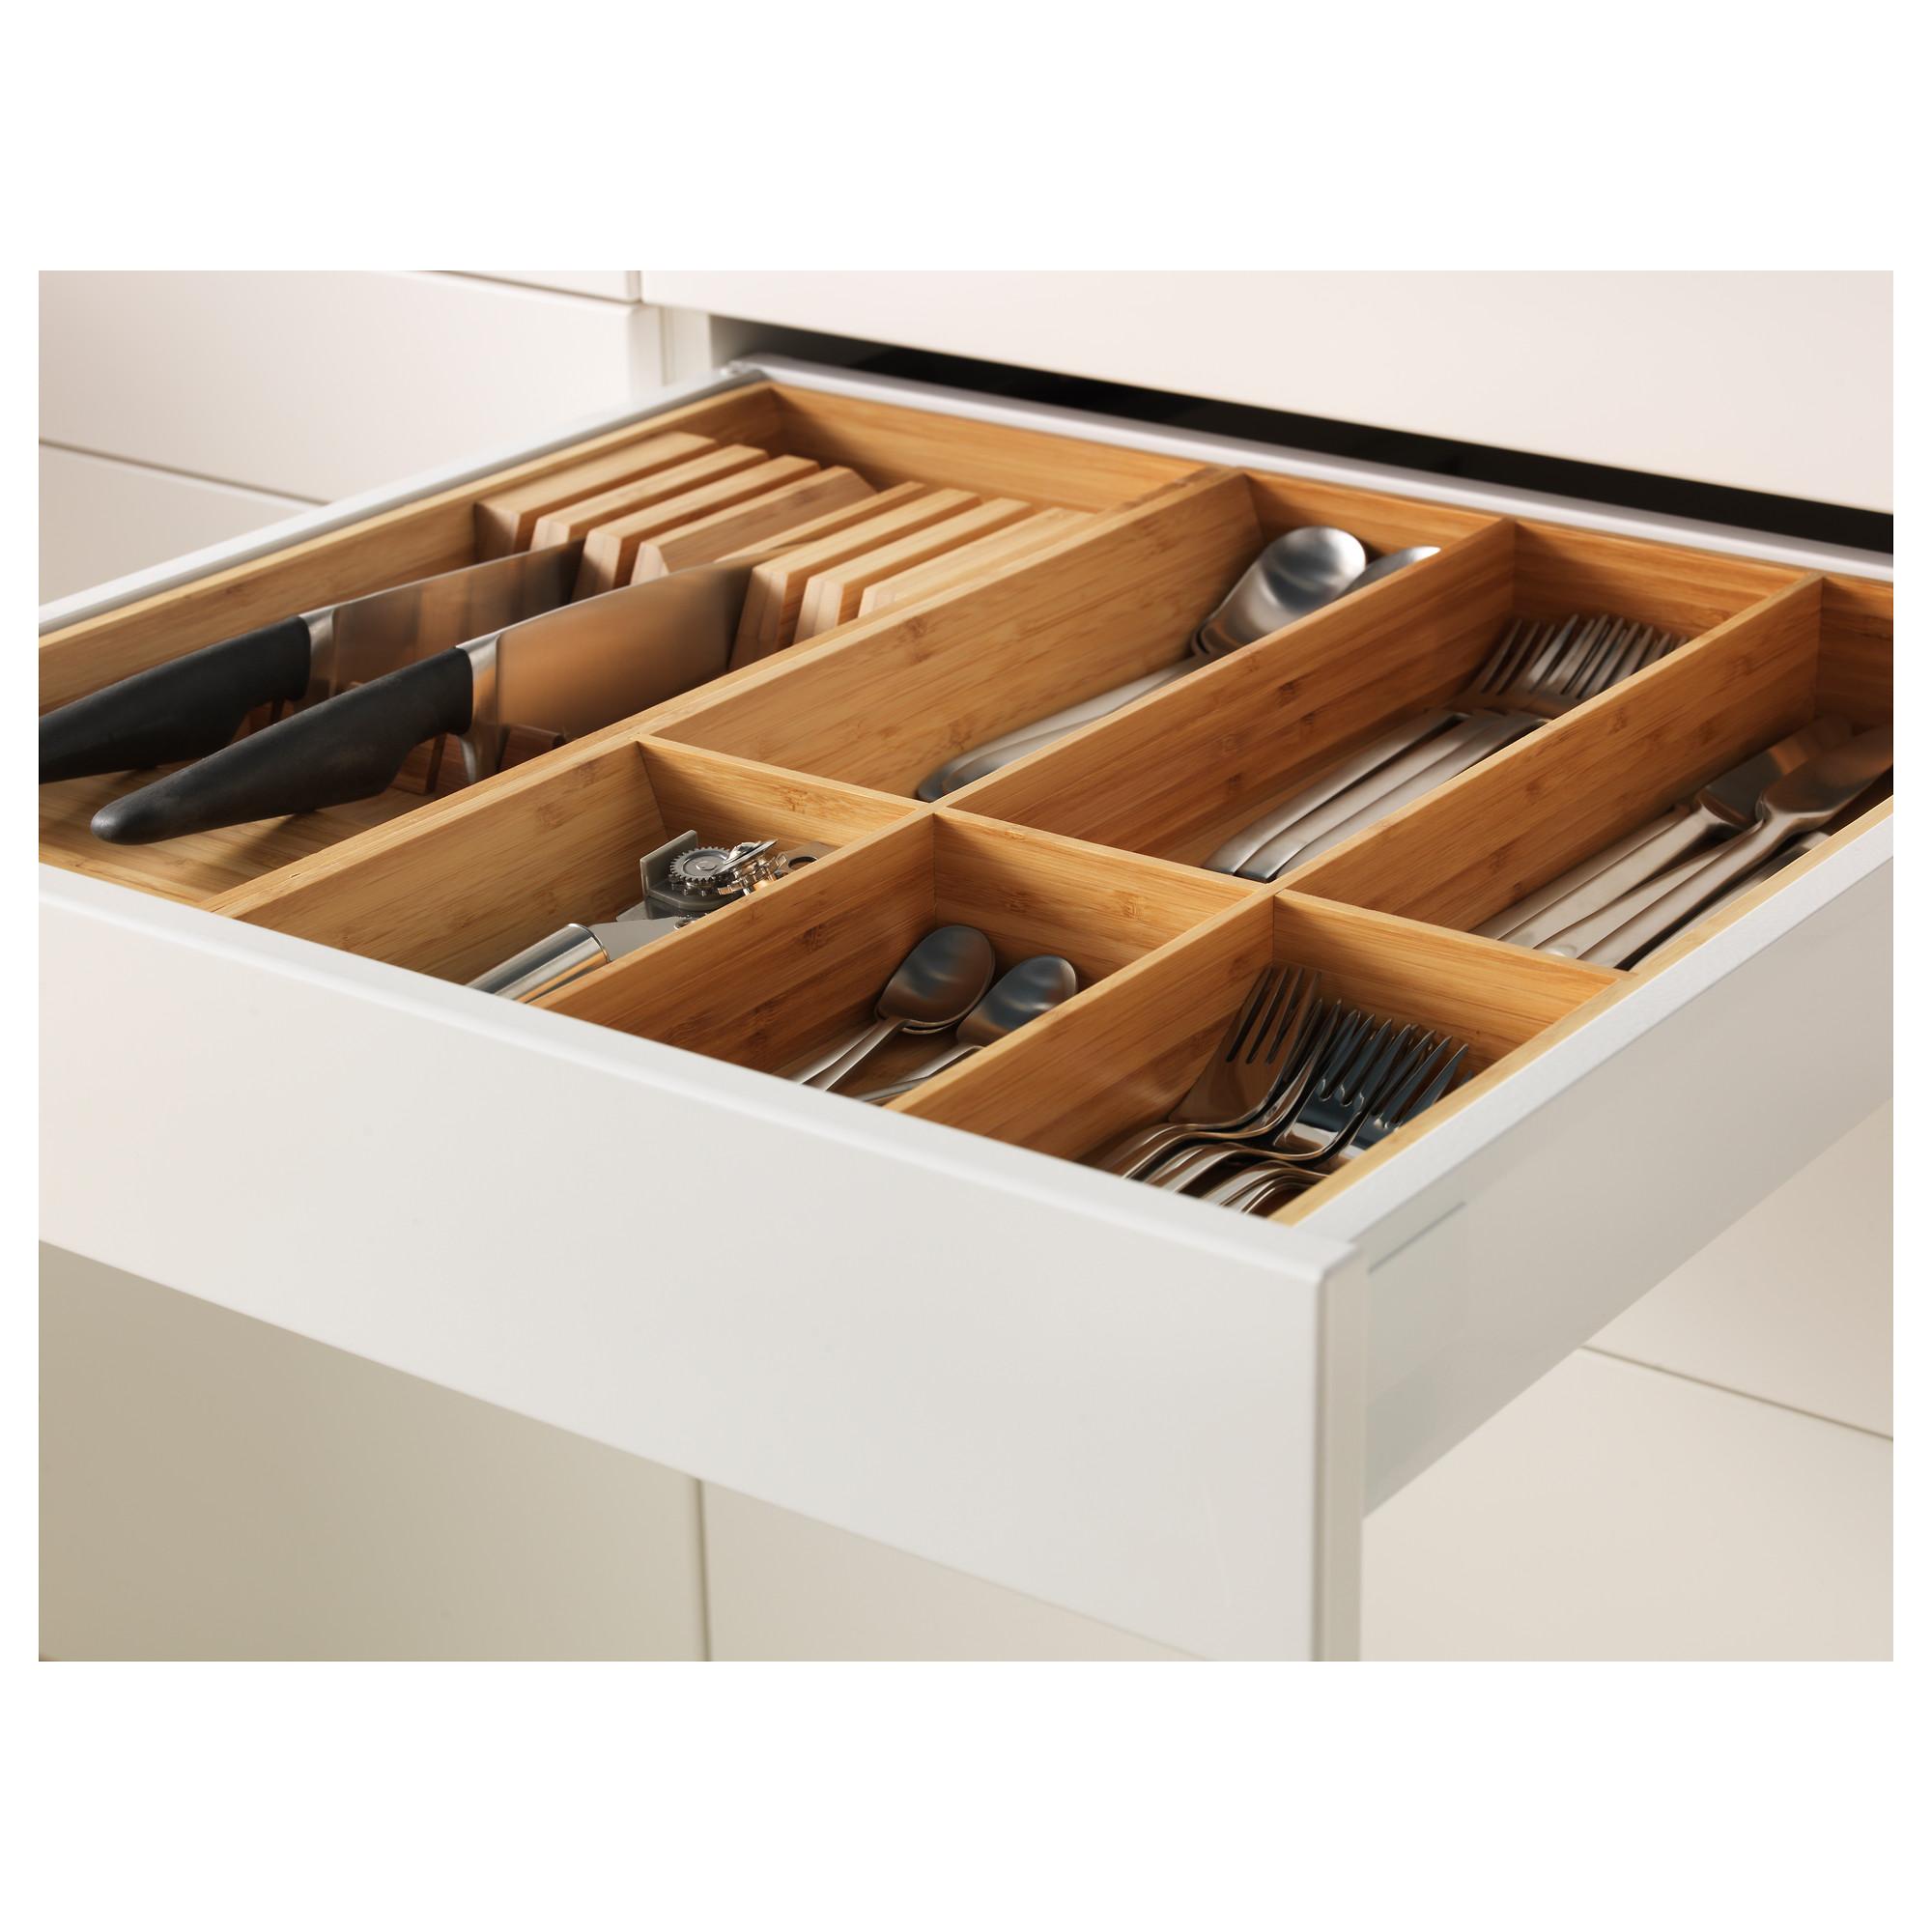 Высокий шкаф + полки, 5 ящиков, 2 дверцы, 2 фронтальных МЕТОД / МАКСИМЕРА белый артикуль № 992.328.69 в наличии. Онлайн каталог IKEA Минск. Быстрая доставка и установка.